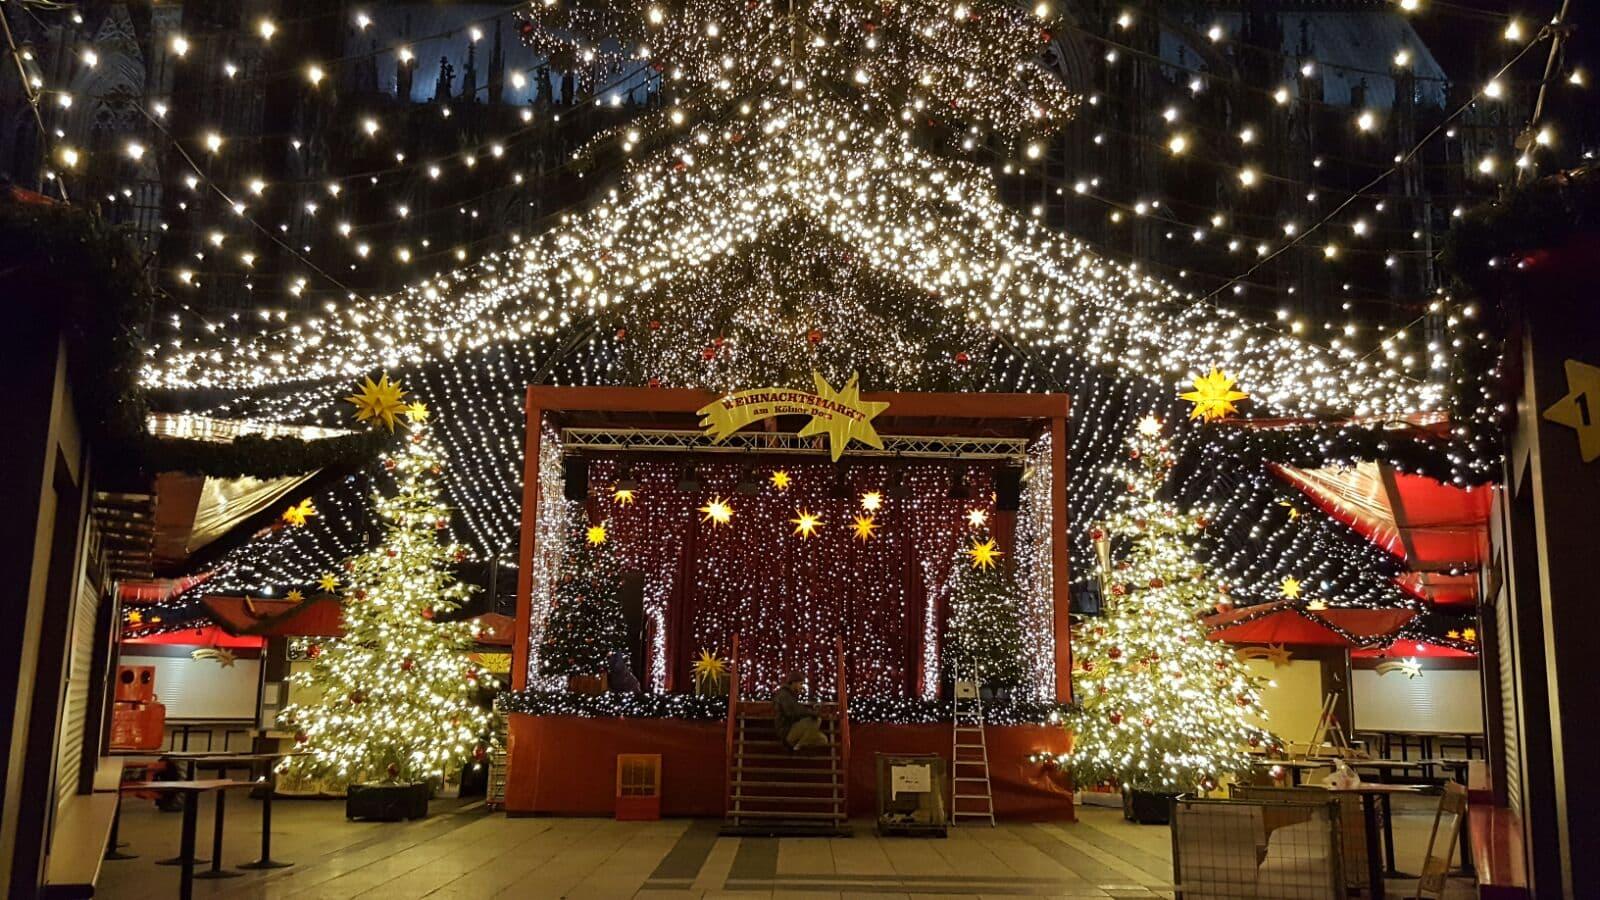 Weihnachtsdekorationen 19